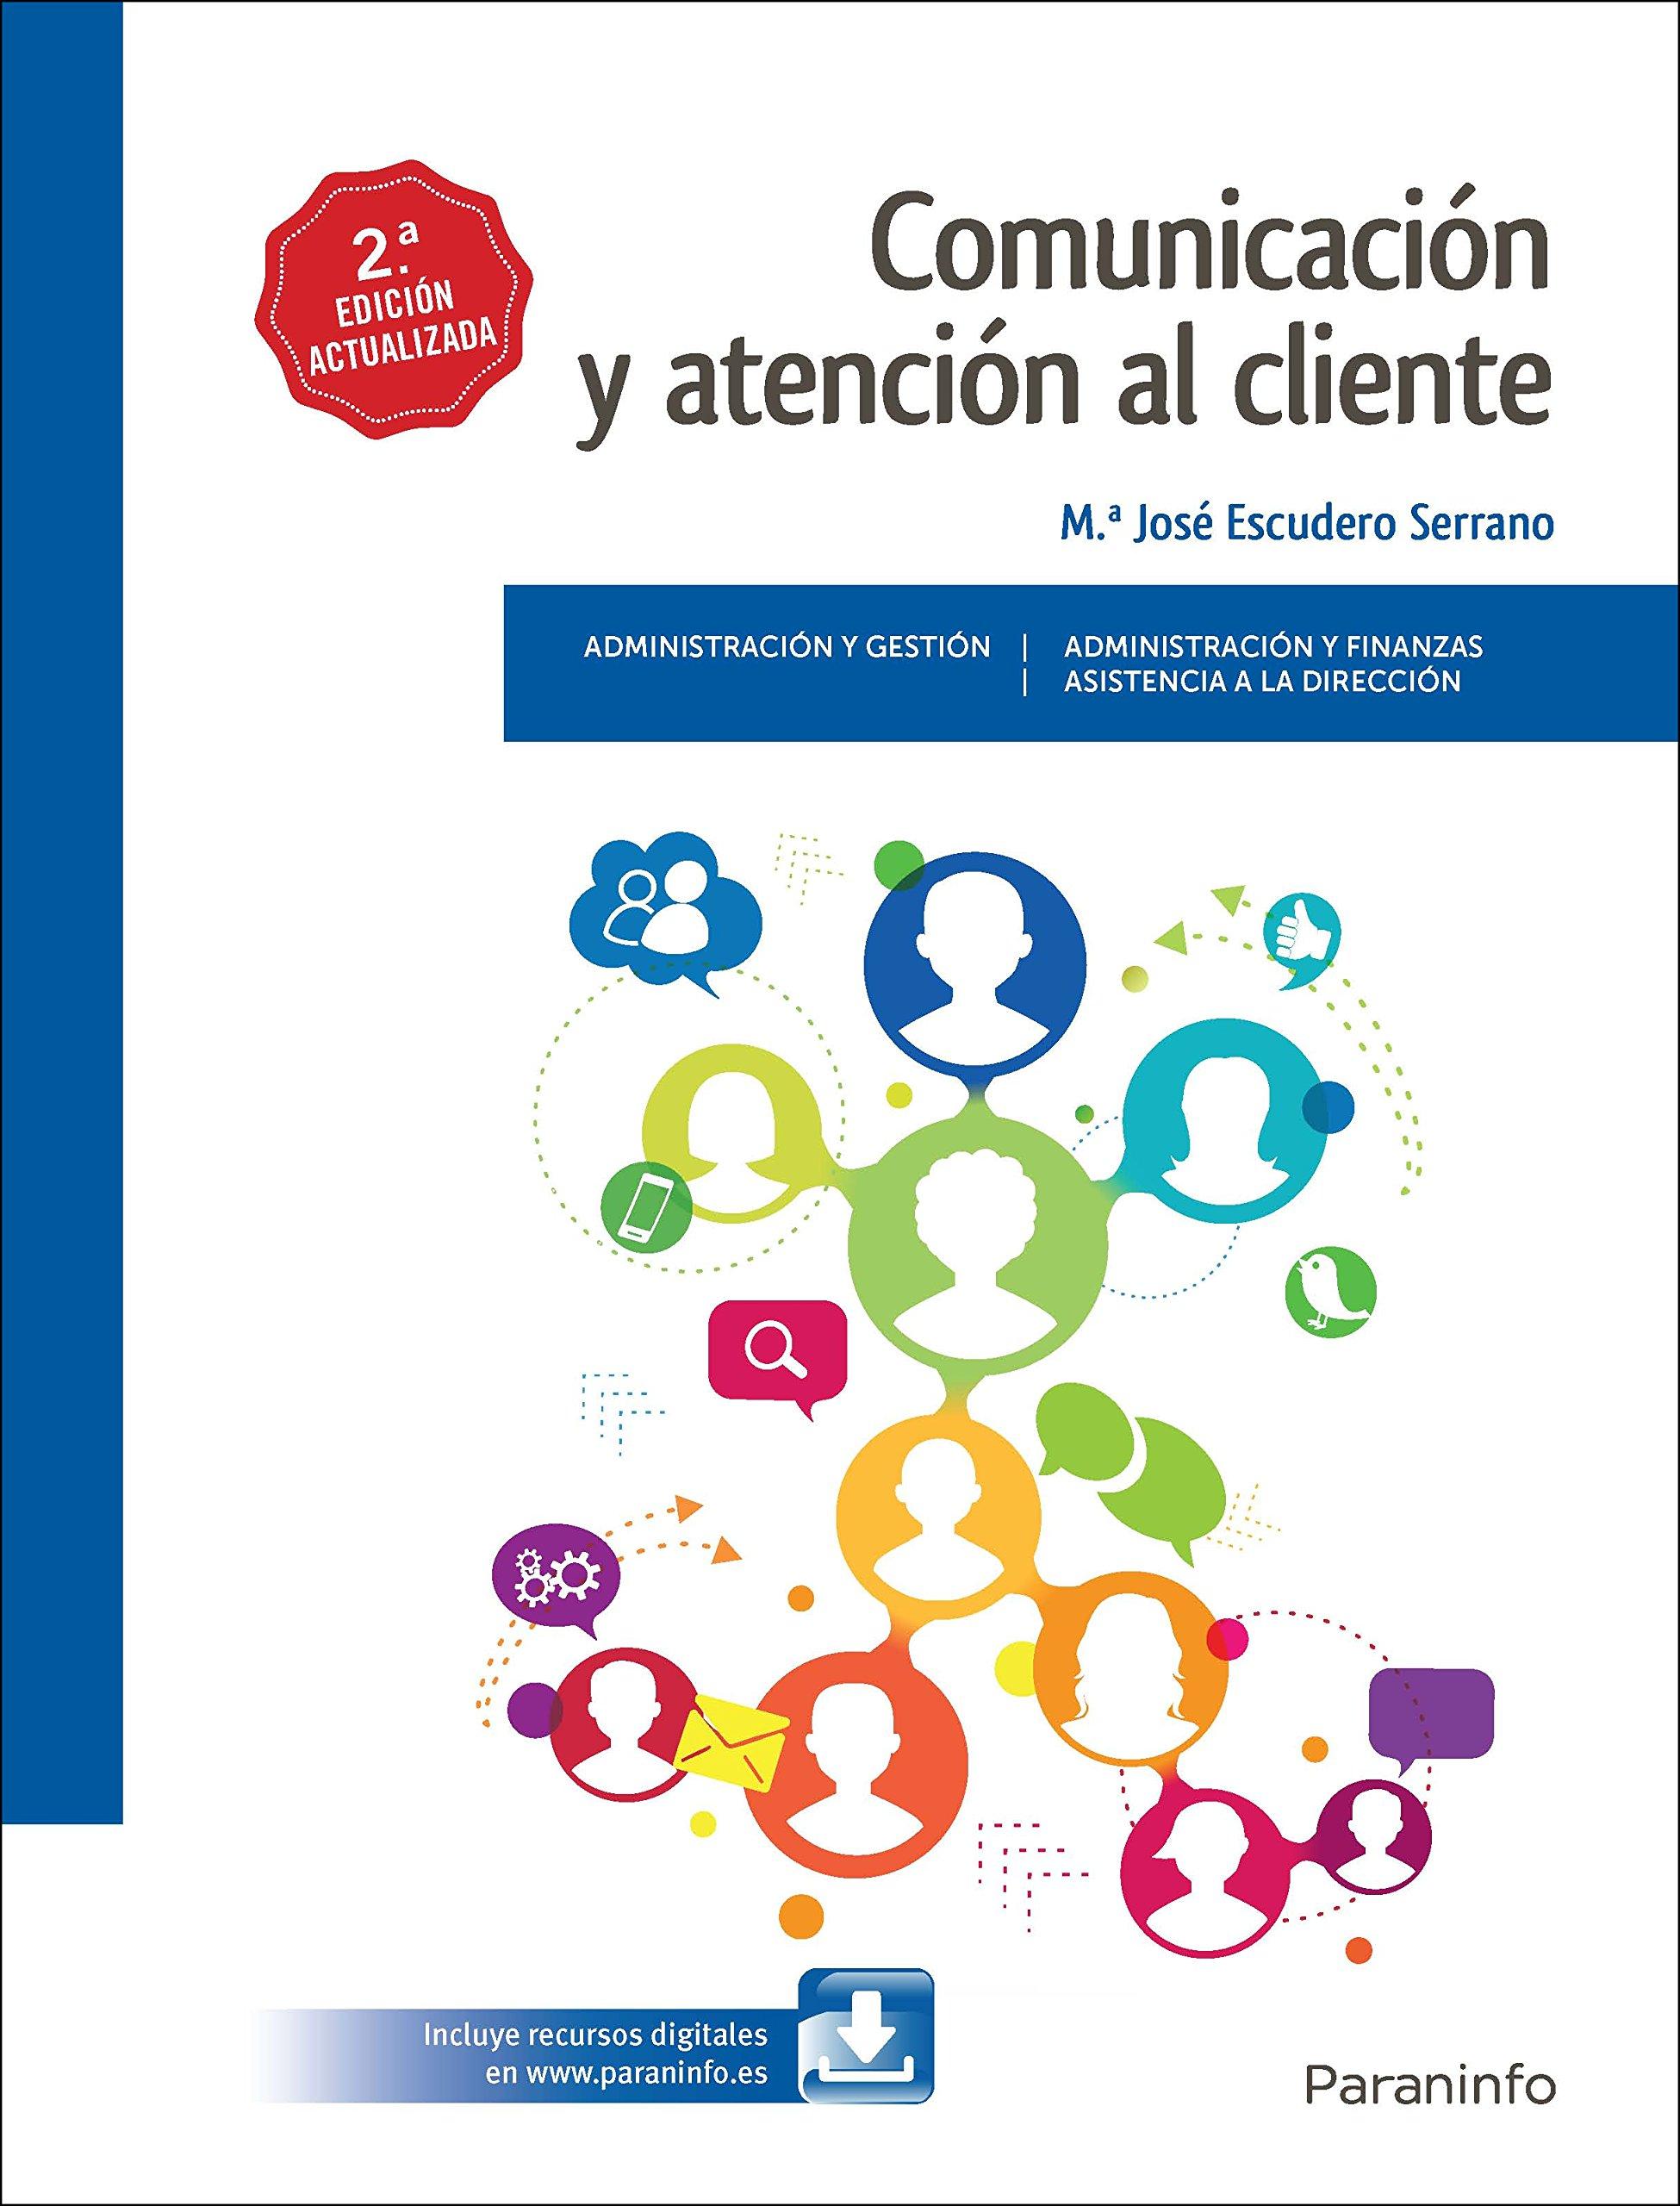 Comunicación y atención al cliente 2.ª edición 2017 Tapa blanda – 5 abr 2017 MARÍA JOSÉ ESCUDERO SERRANO Ediciones Paraninfo S.A 8428339368